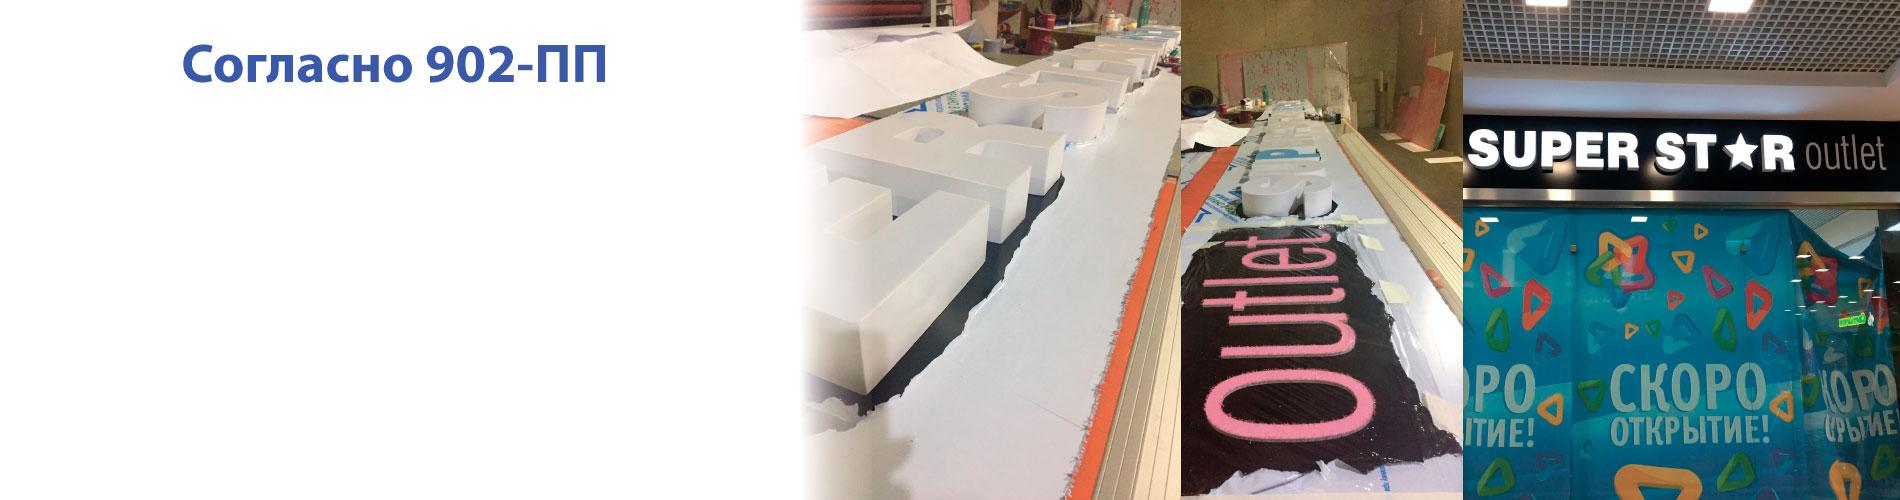 печать и изготовление вывесок